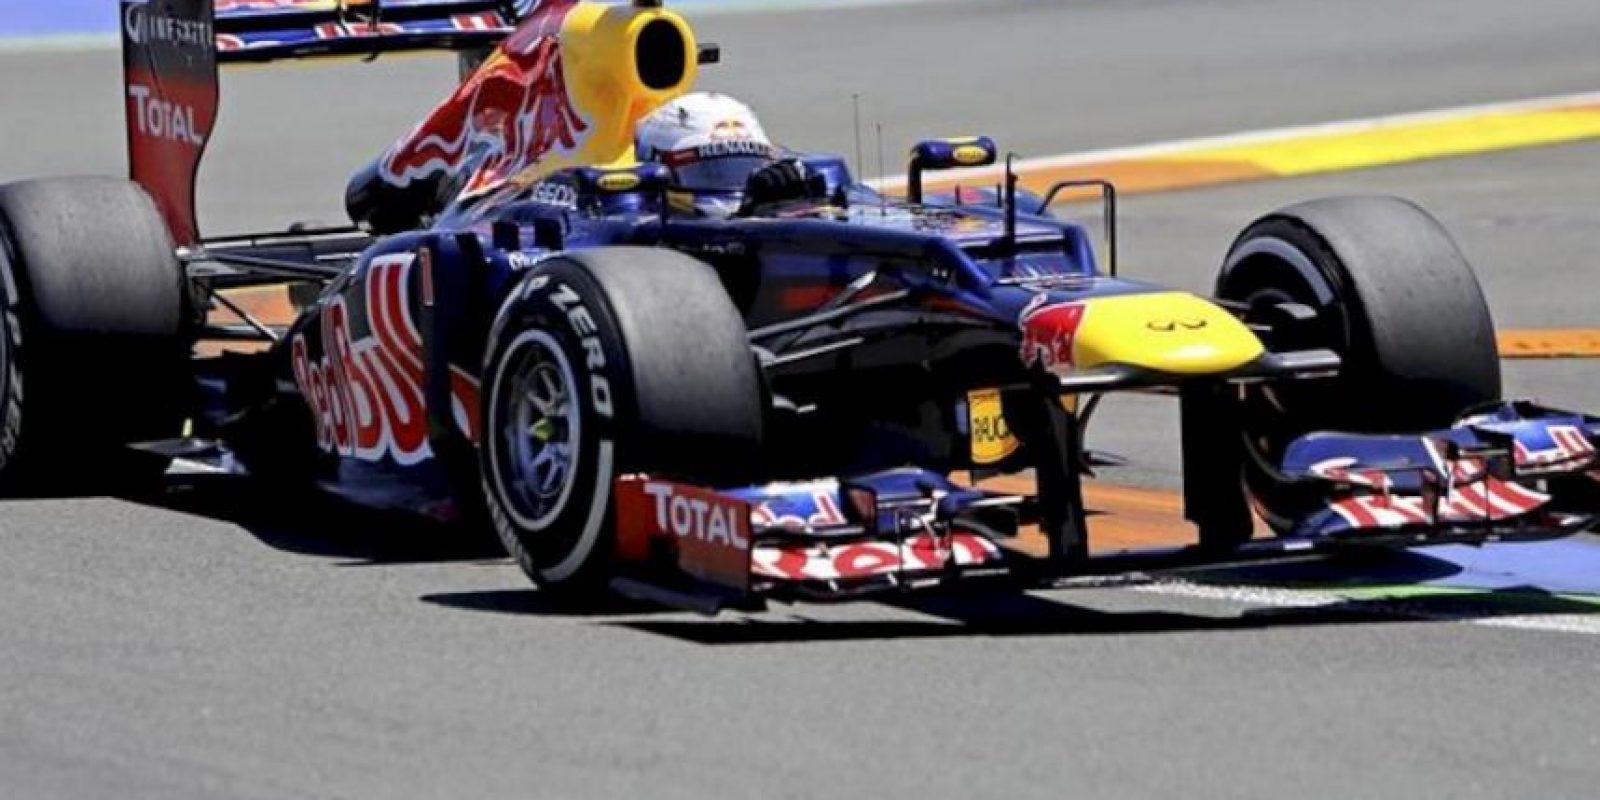 El piloto alemán de Red Bull, Sebastian Vettel, en un momento de la clasificación para el Gran Premio de Europa de Fórmula Uno que se celebra hoy, 23 de junio de 2012, en el circuito urbano de Valencia, donde Vettel consiguió la 'pole position'. EFE